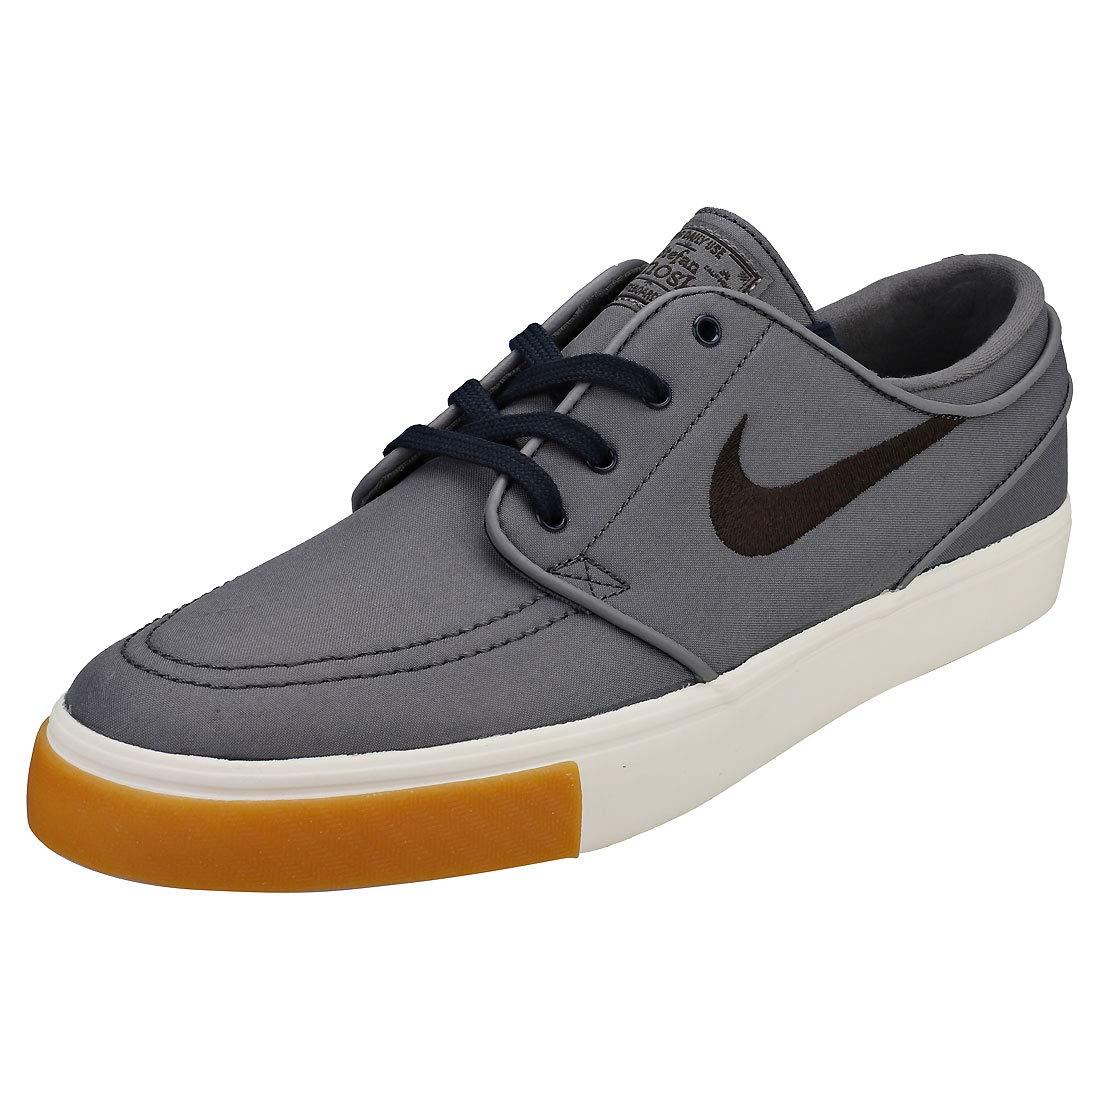 super popular 7b6d4 93d60 Nike PRO Core  ndash  Maglietta per Uomo B07J264M4H 44 EU EU EU grigio nero  bianca   Vendite Online   tender   Garanzia di qualità e quantità    attività di ...